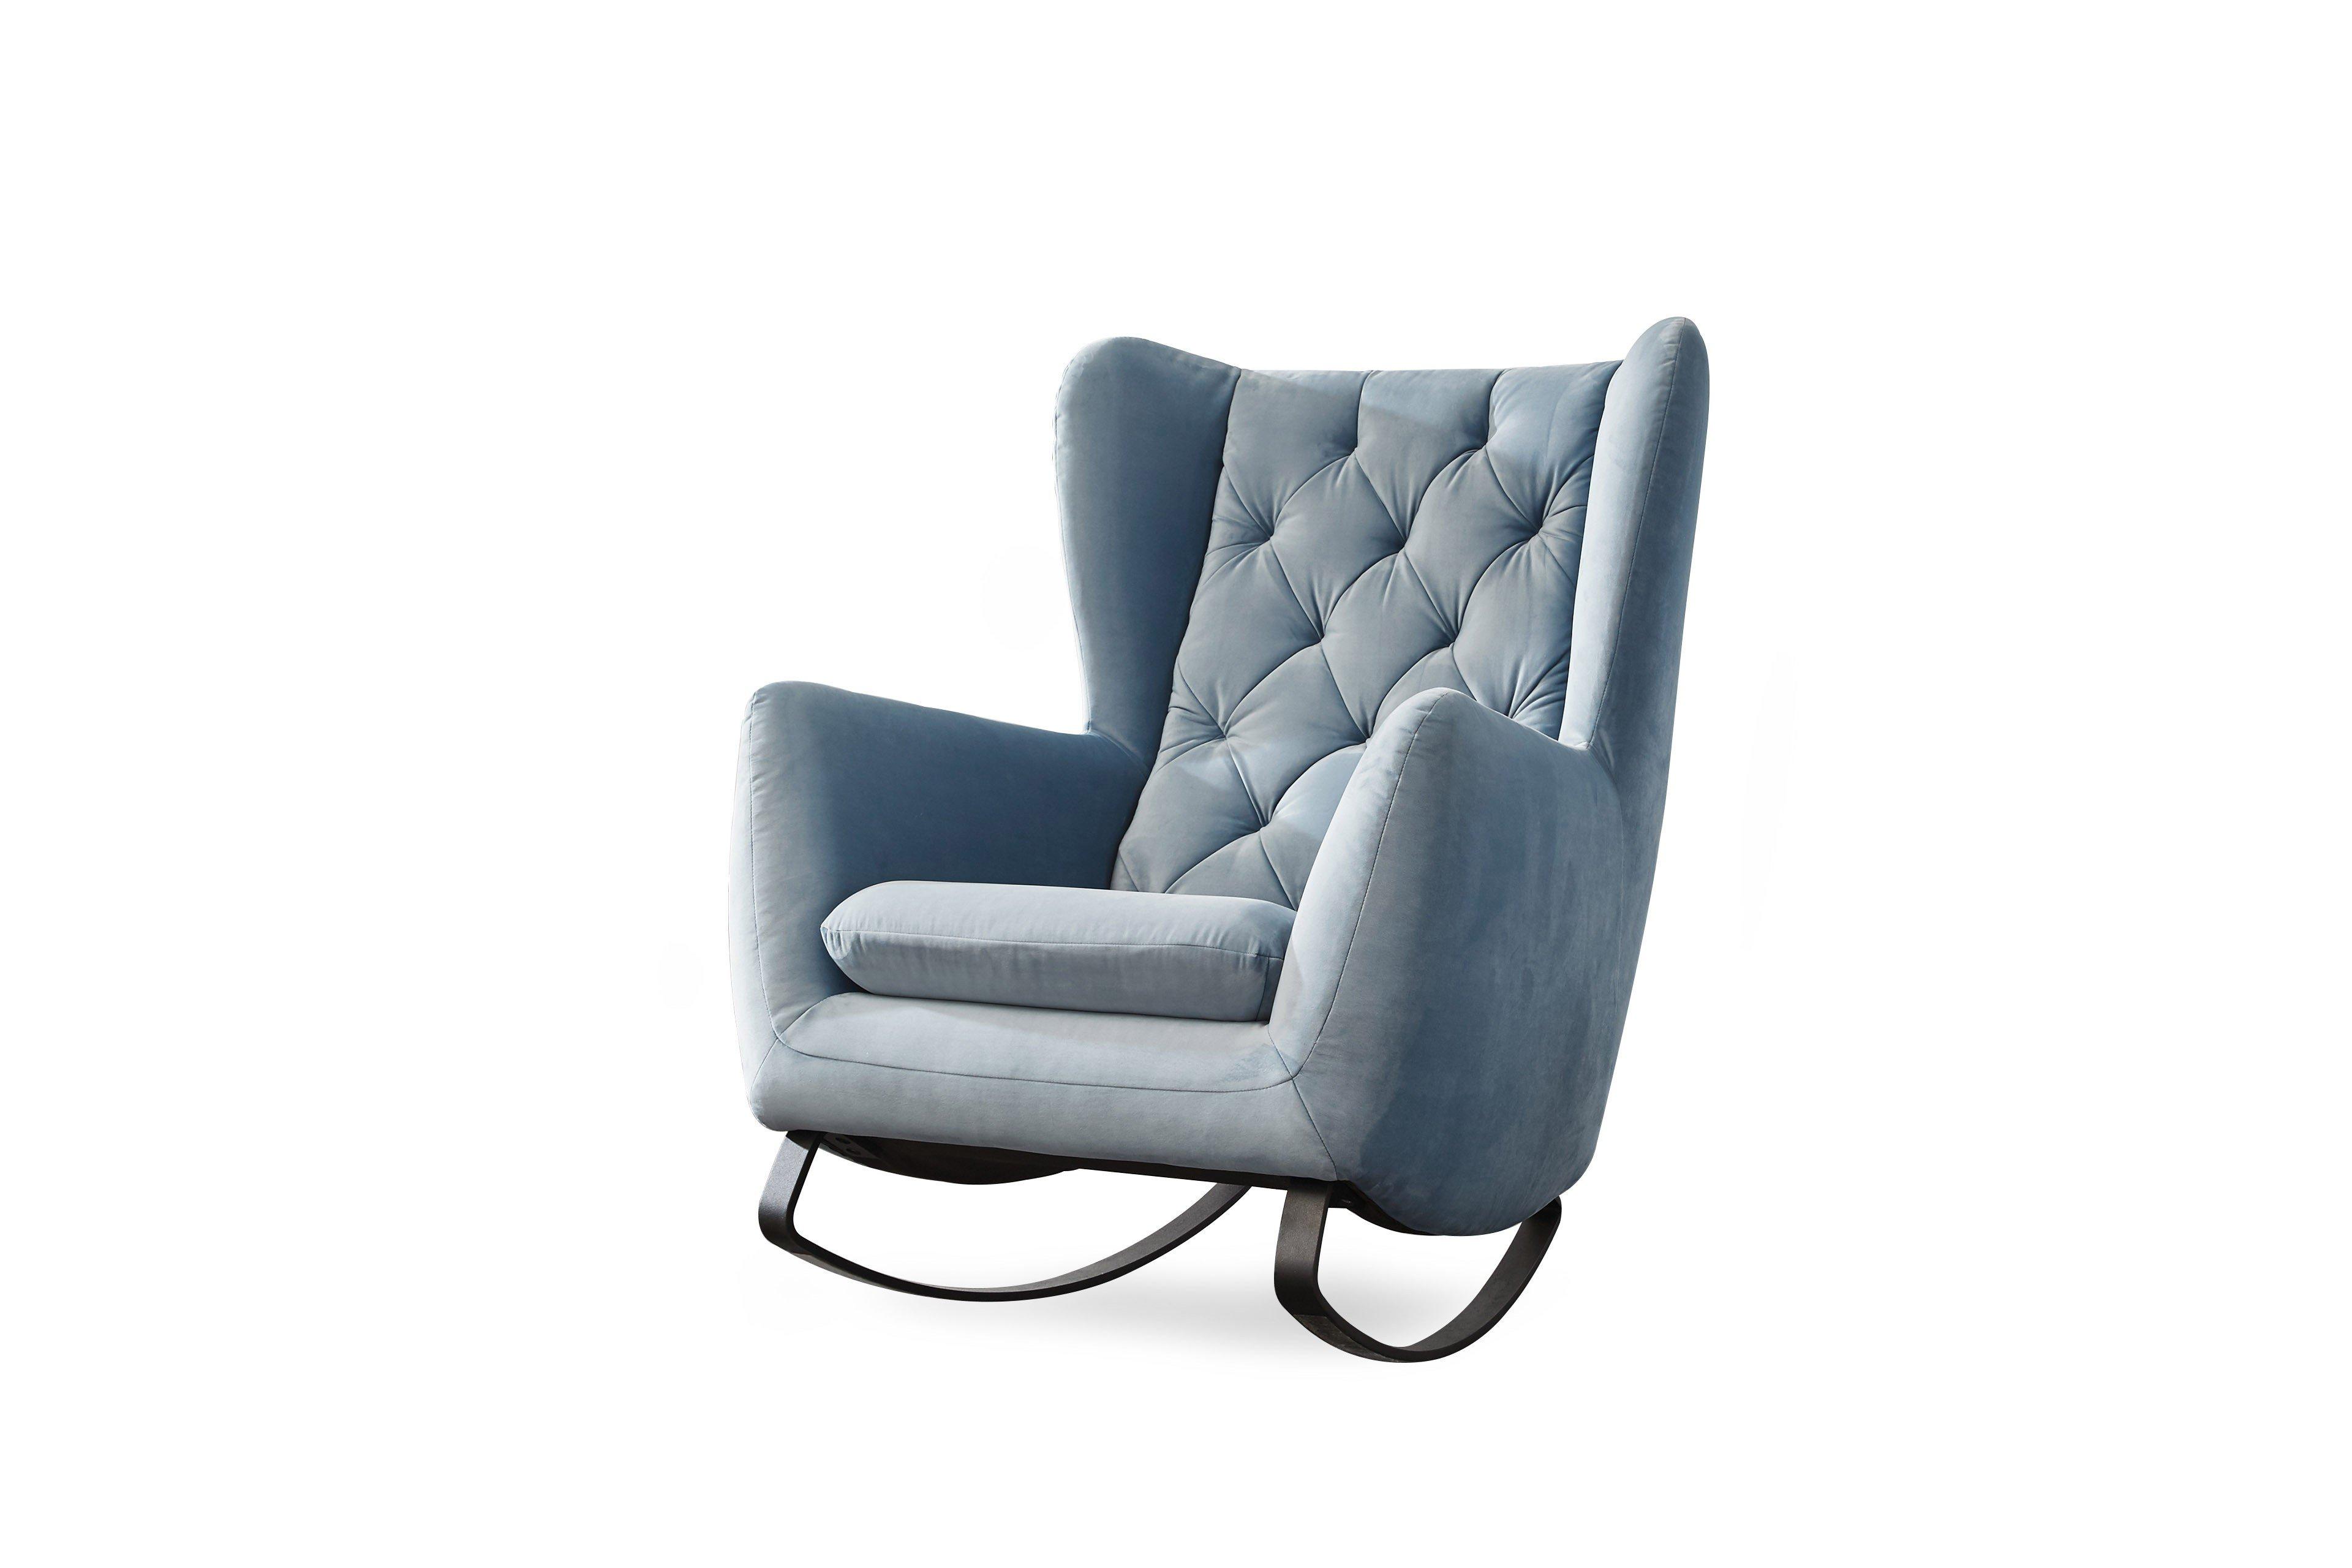 candy polsterm bel sixty schaukelsessel hellblau m bel. Black Bedroom Furniture Sets. Home Design Ideas